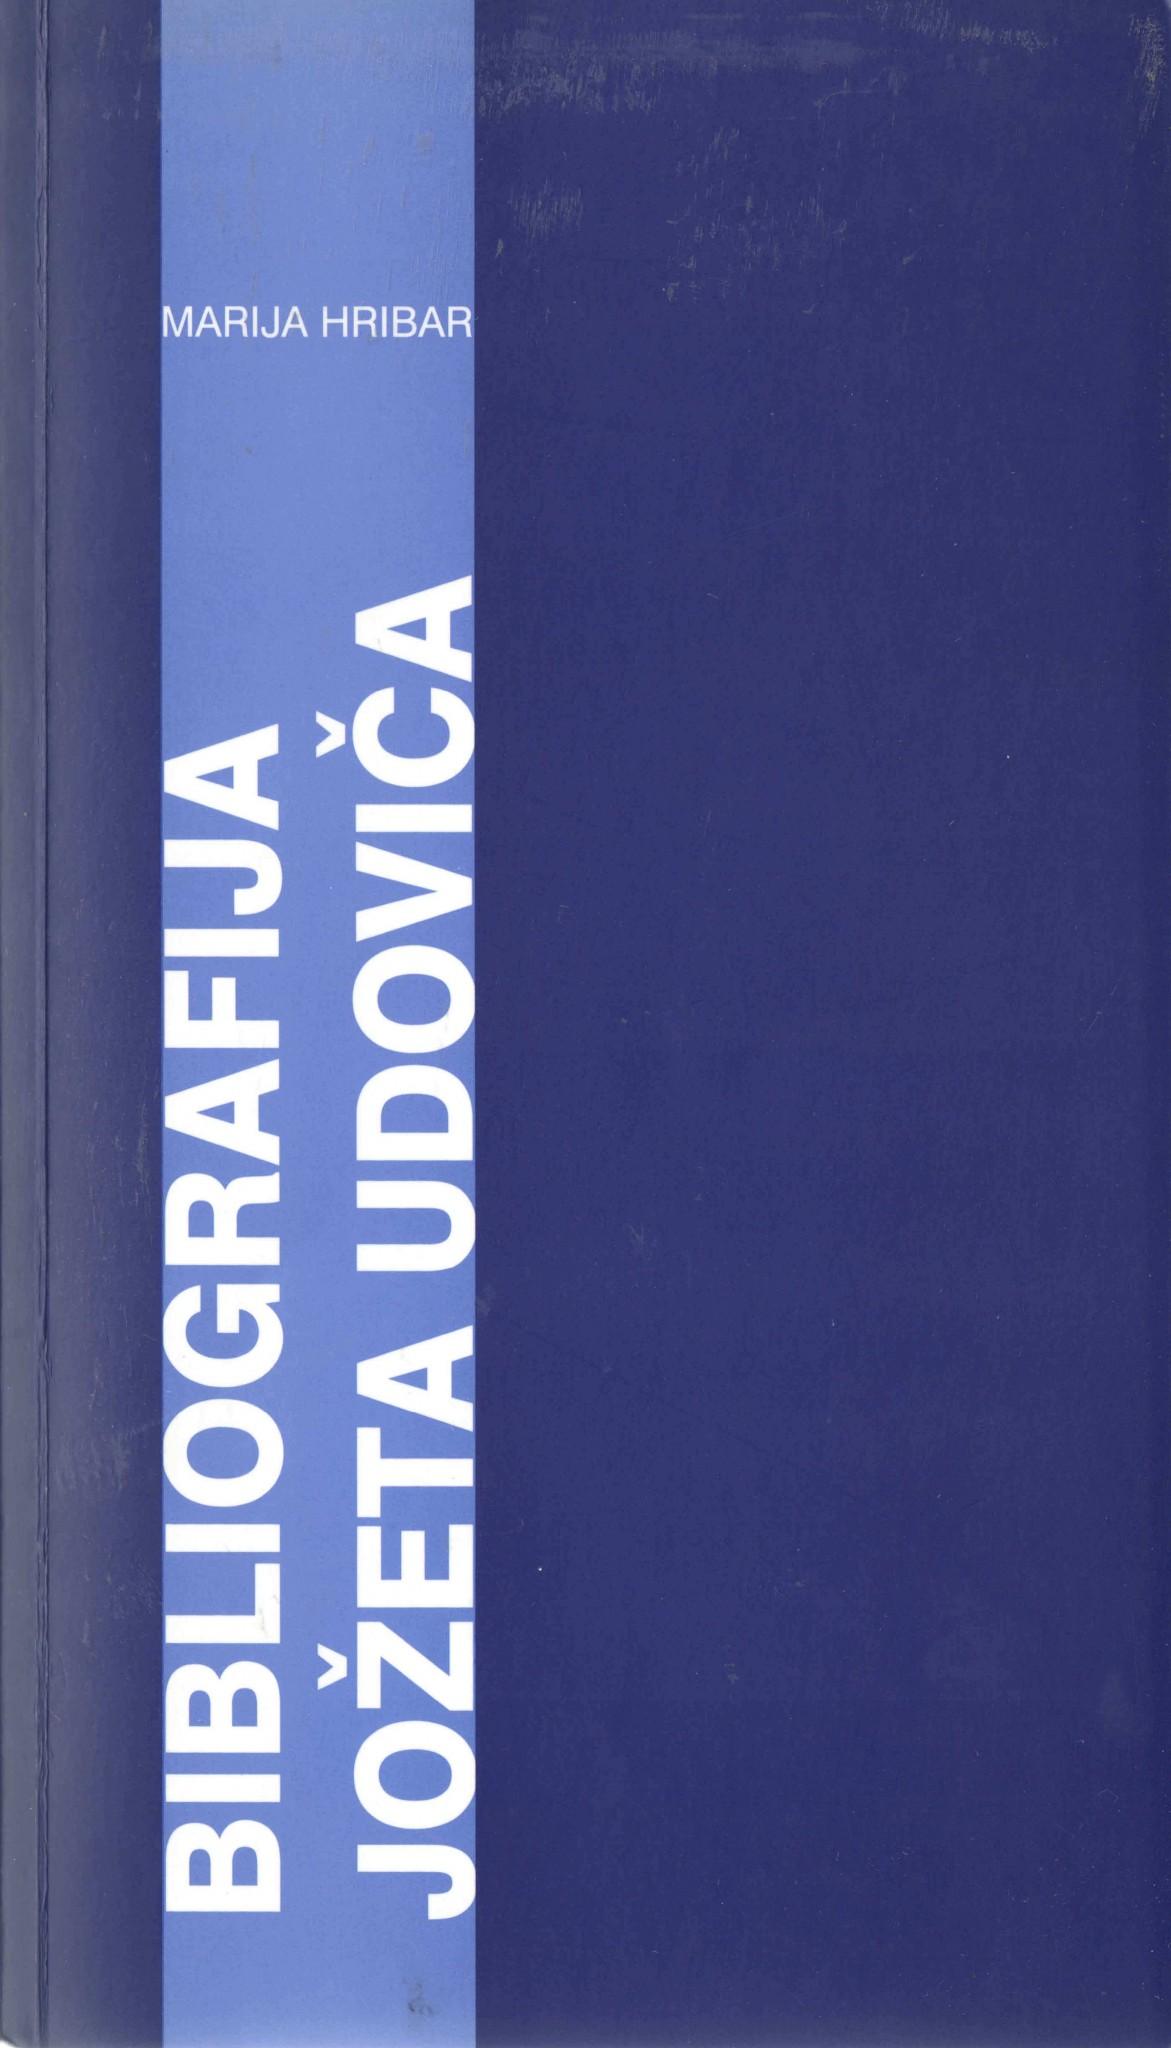 Bibliografijo Jozeta Udovica je sestavila Marija Hribar ob deseti obletnici pesnikove smrti 1996 - Bibliografijo Jožeta Udoviča je sestavila Marija Hribar ob deseti obletnici pesnikove smrti, 1996